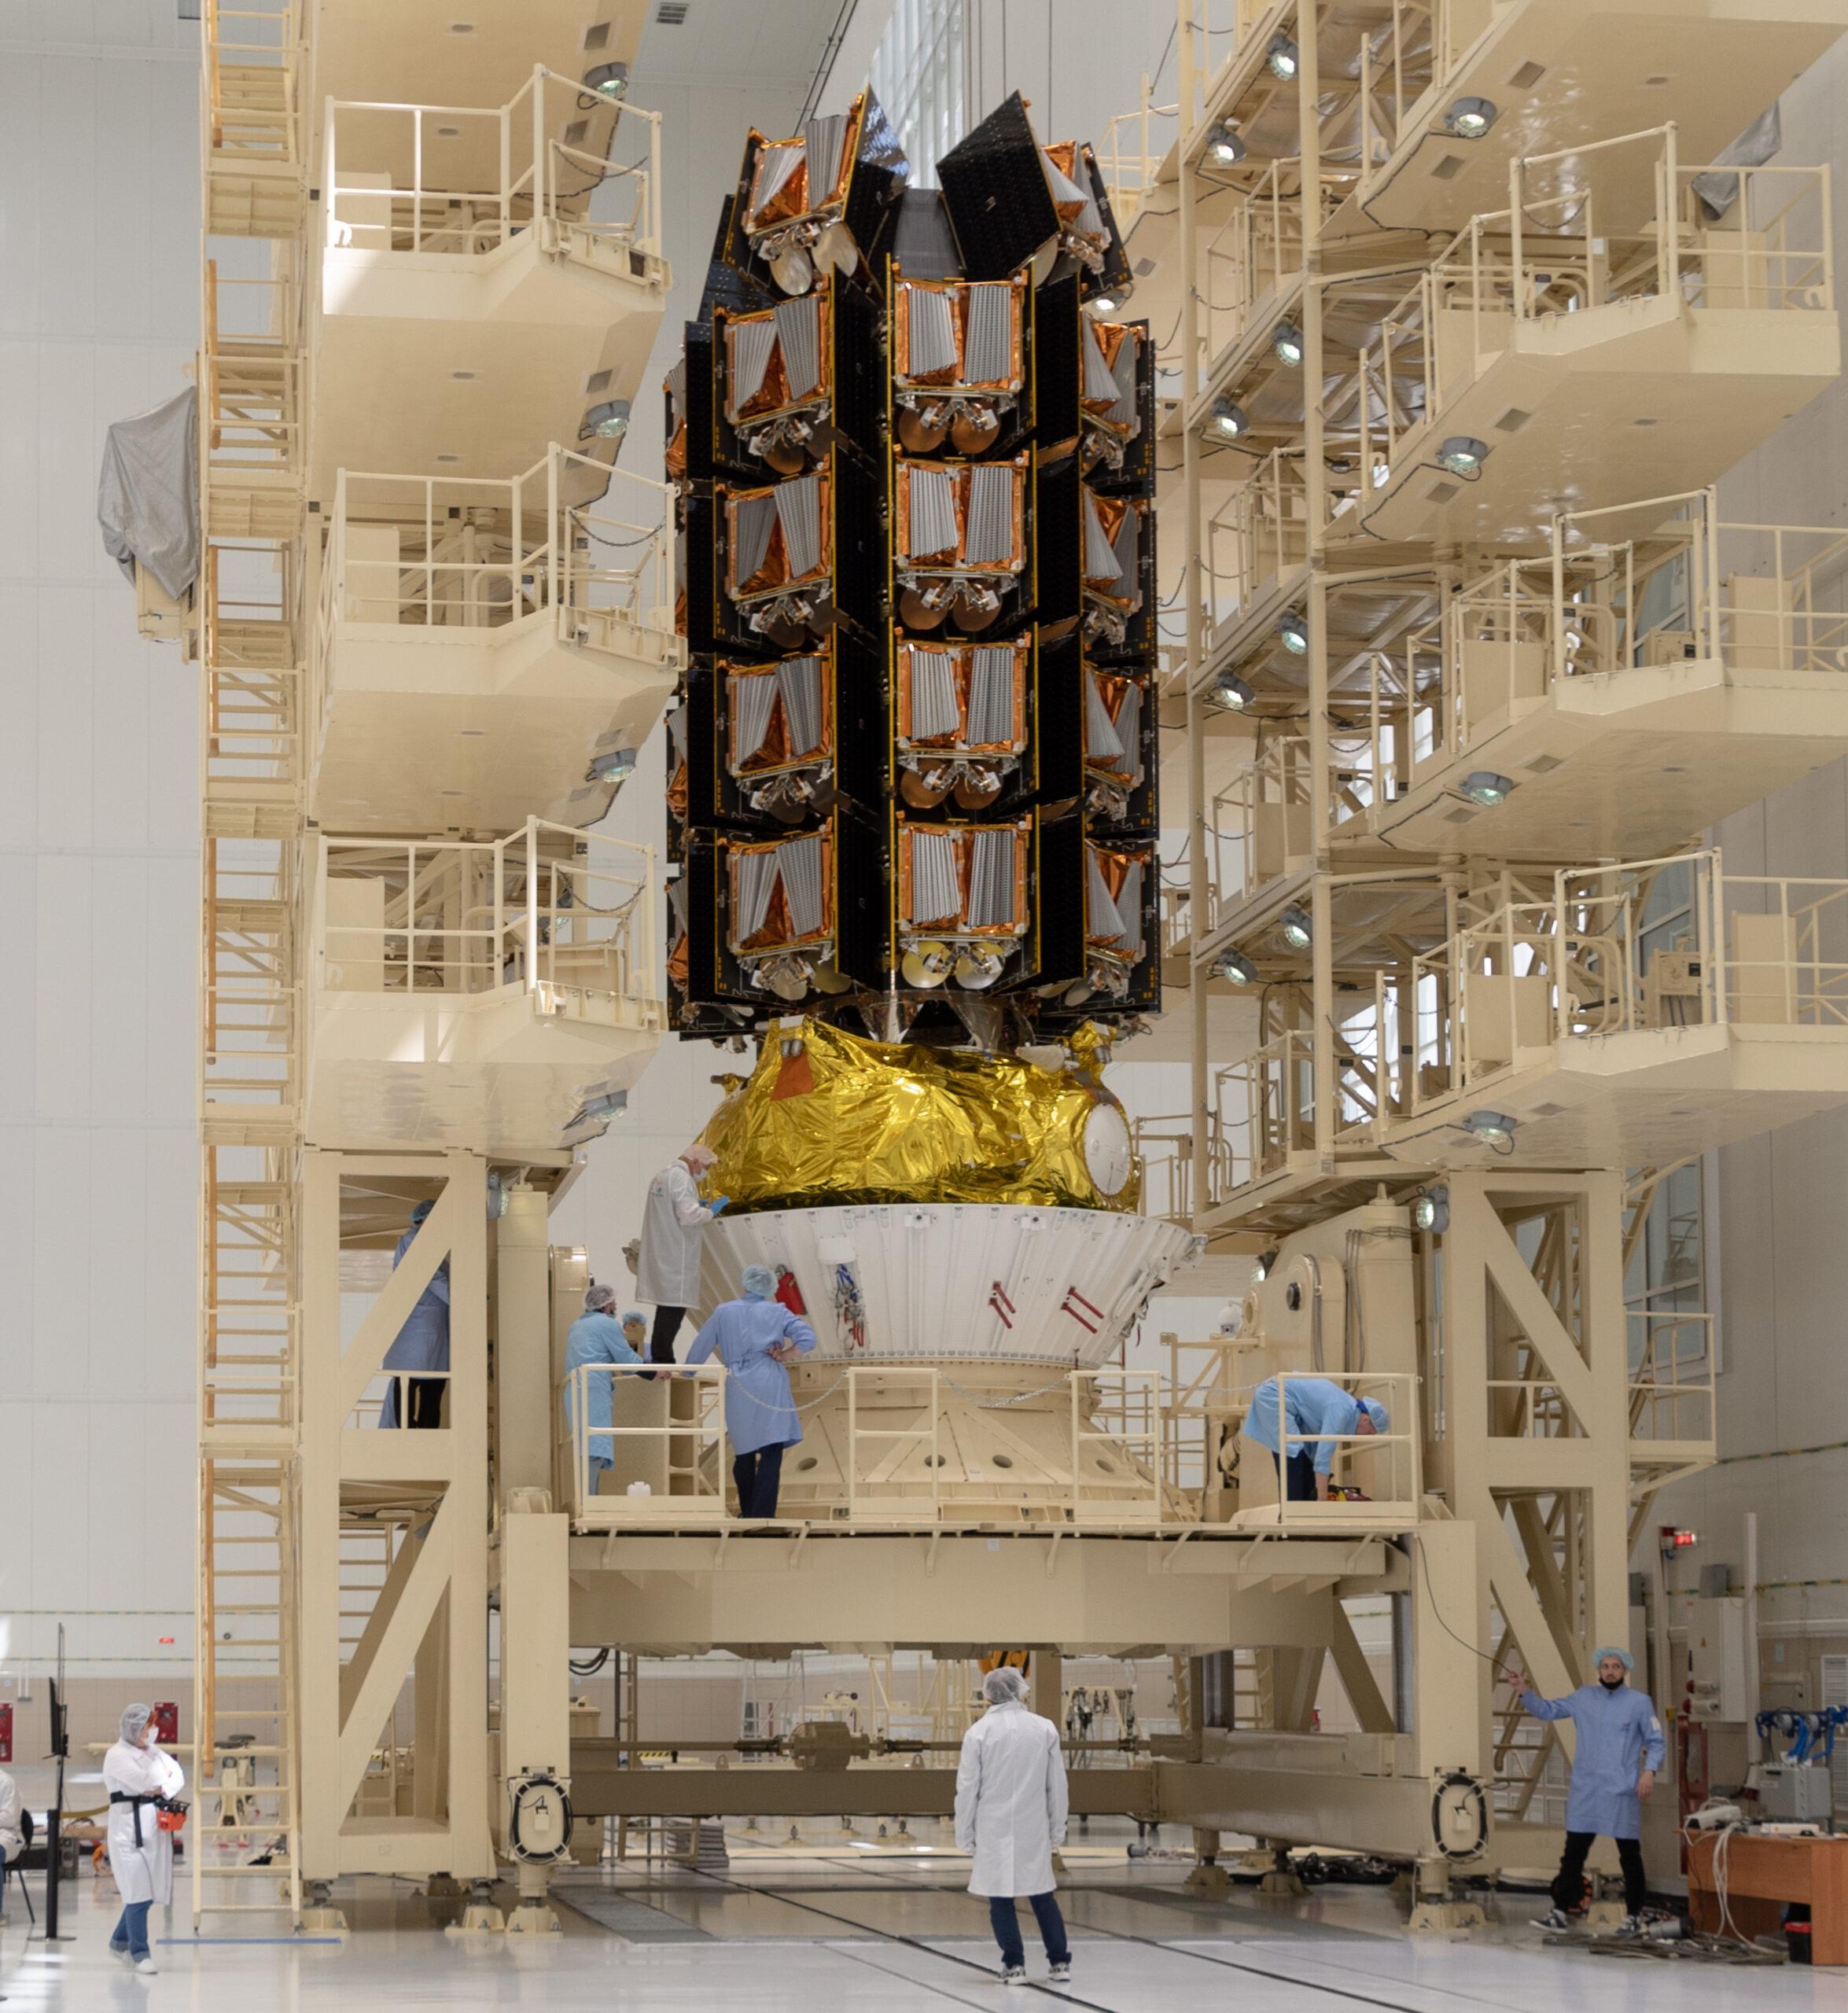 I 36 satelliti OneWeb appena lanciati durante le operazioni di integrazione con l'ultimo stadio Fregat del Soyuz. Credits: ArianeSpace.